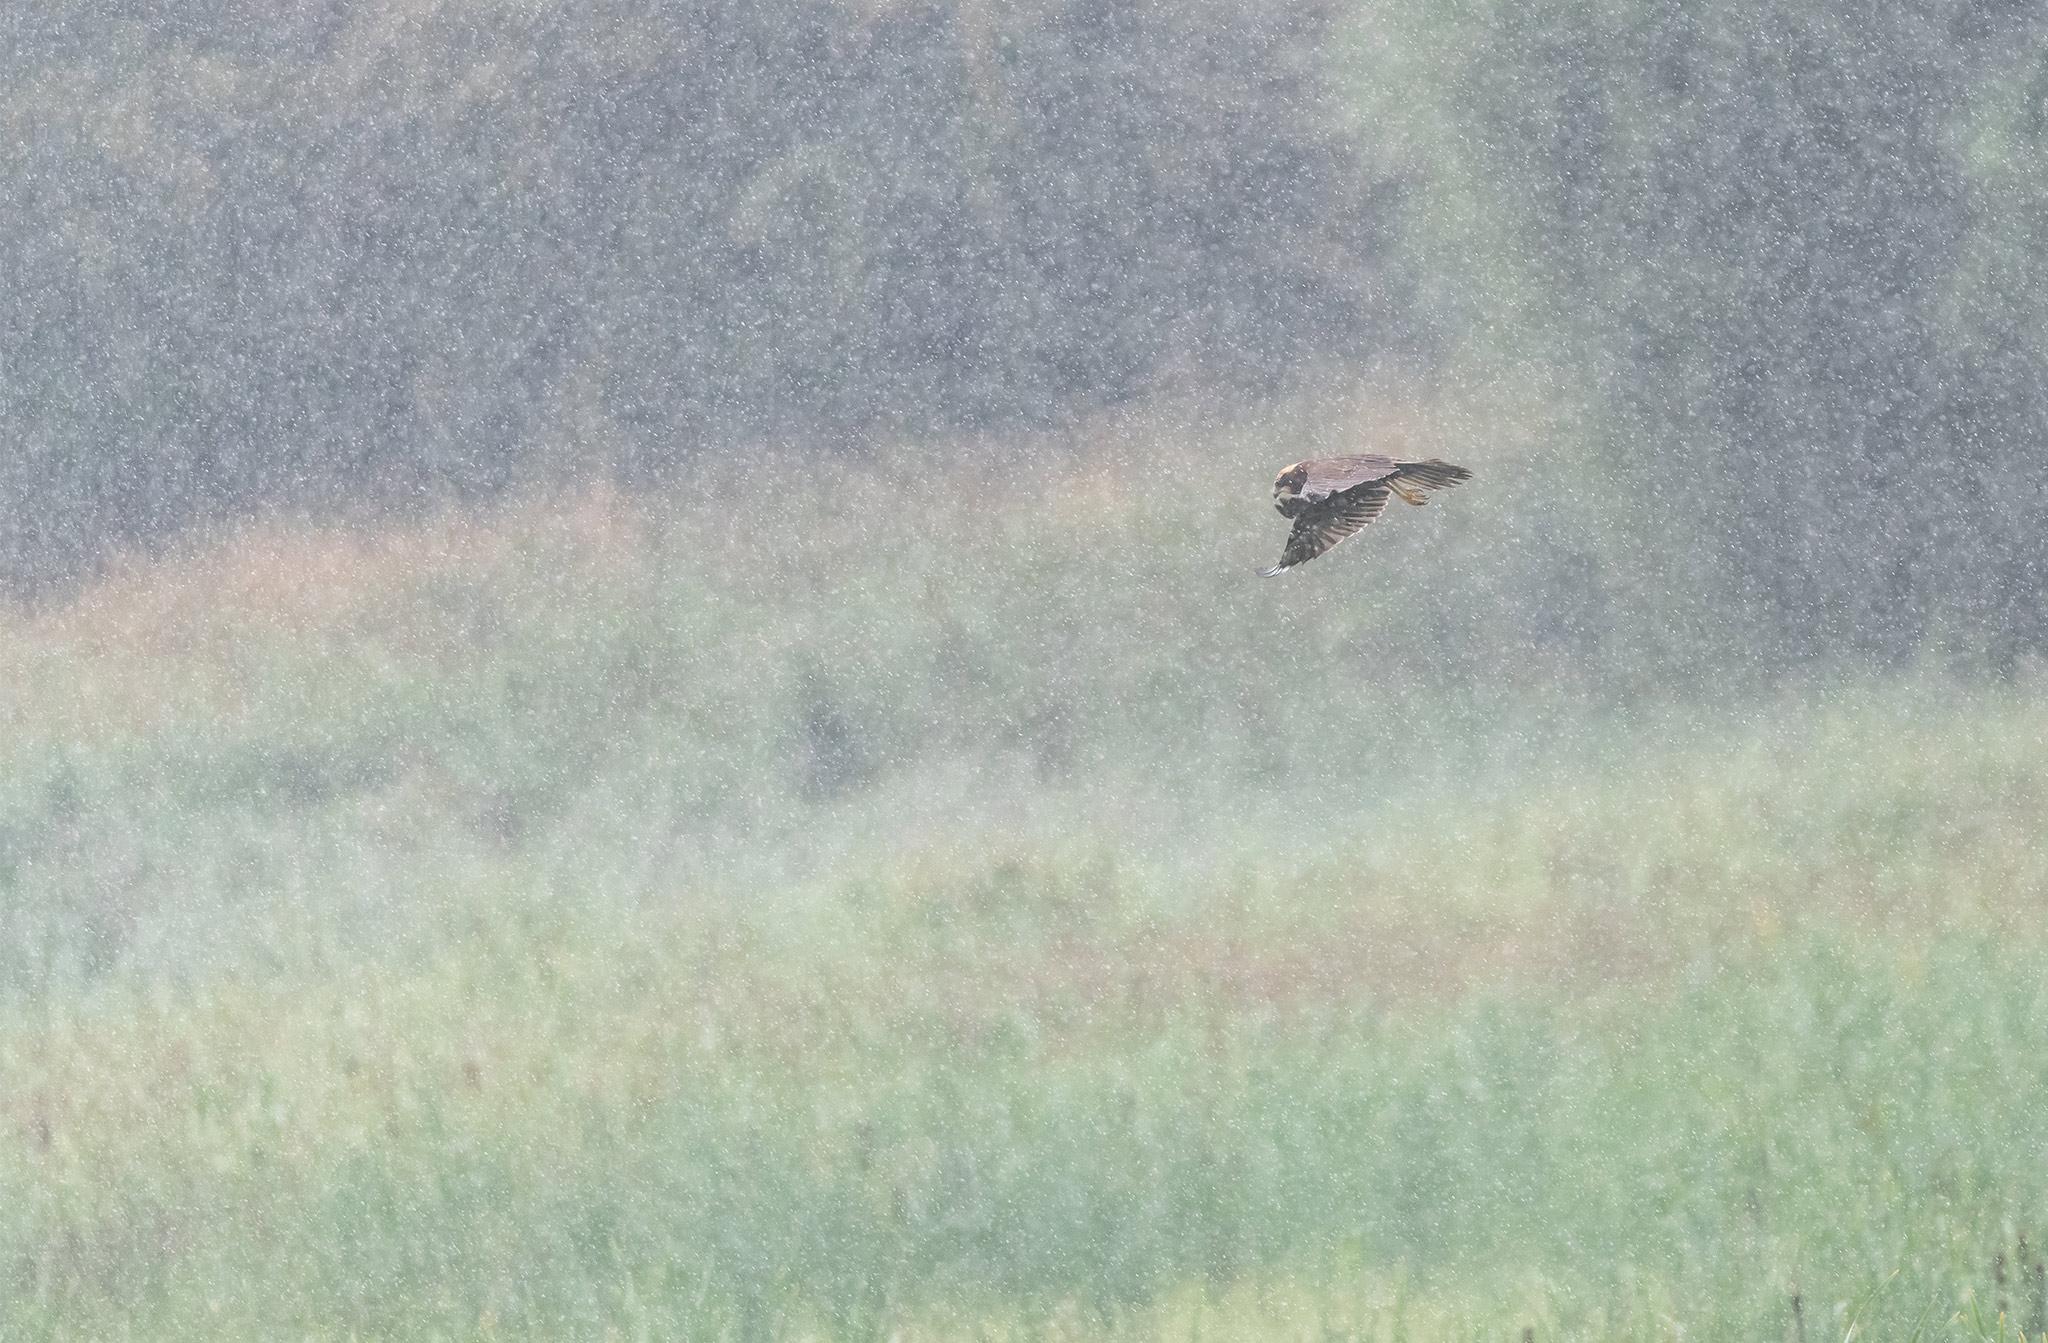 Busard des roseaux (Circus aeruginosus) sous une pluie battante